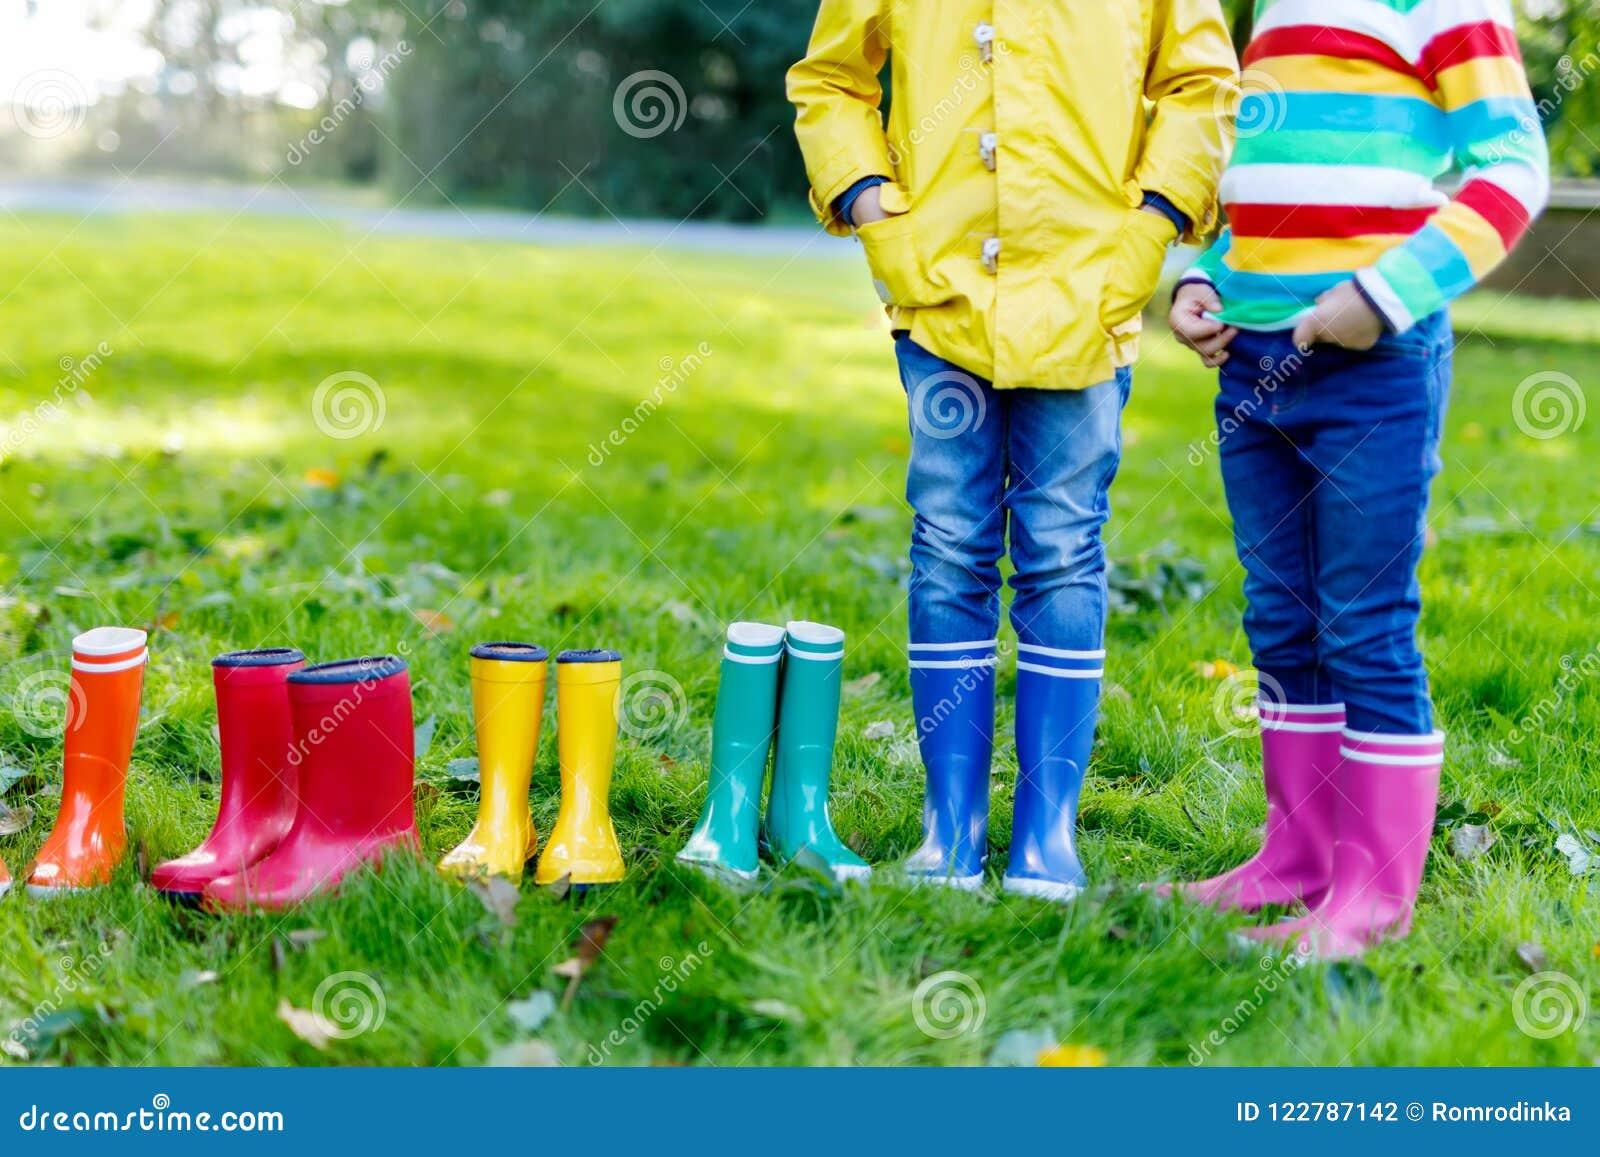 Små ungar, pojkar eller flickor i jeans och gult omslag i färgrika regnkängor